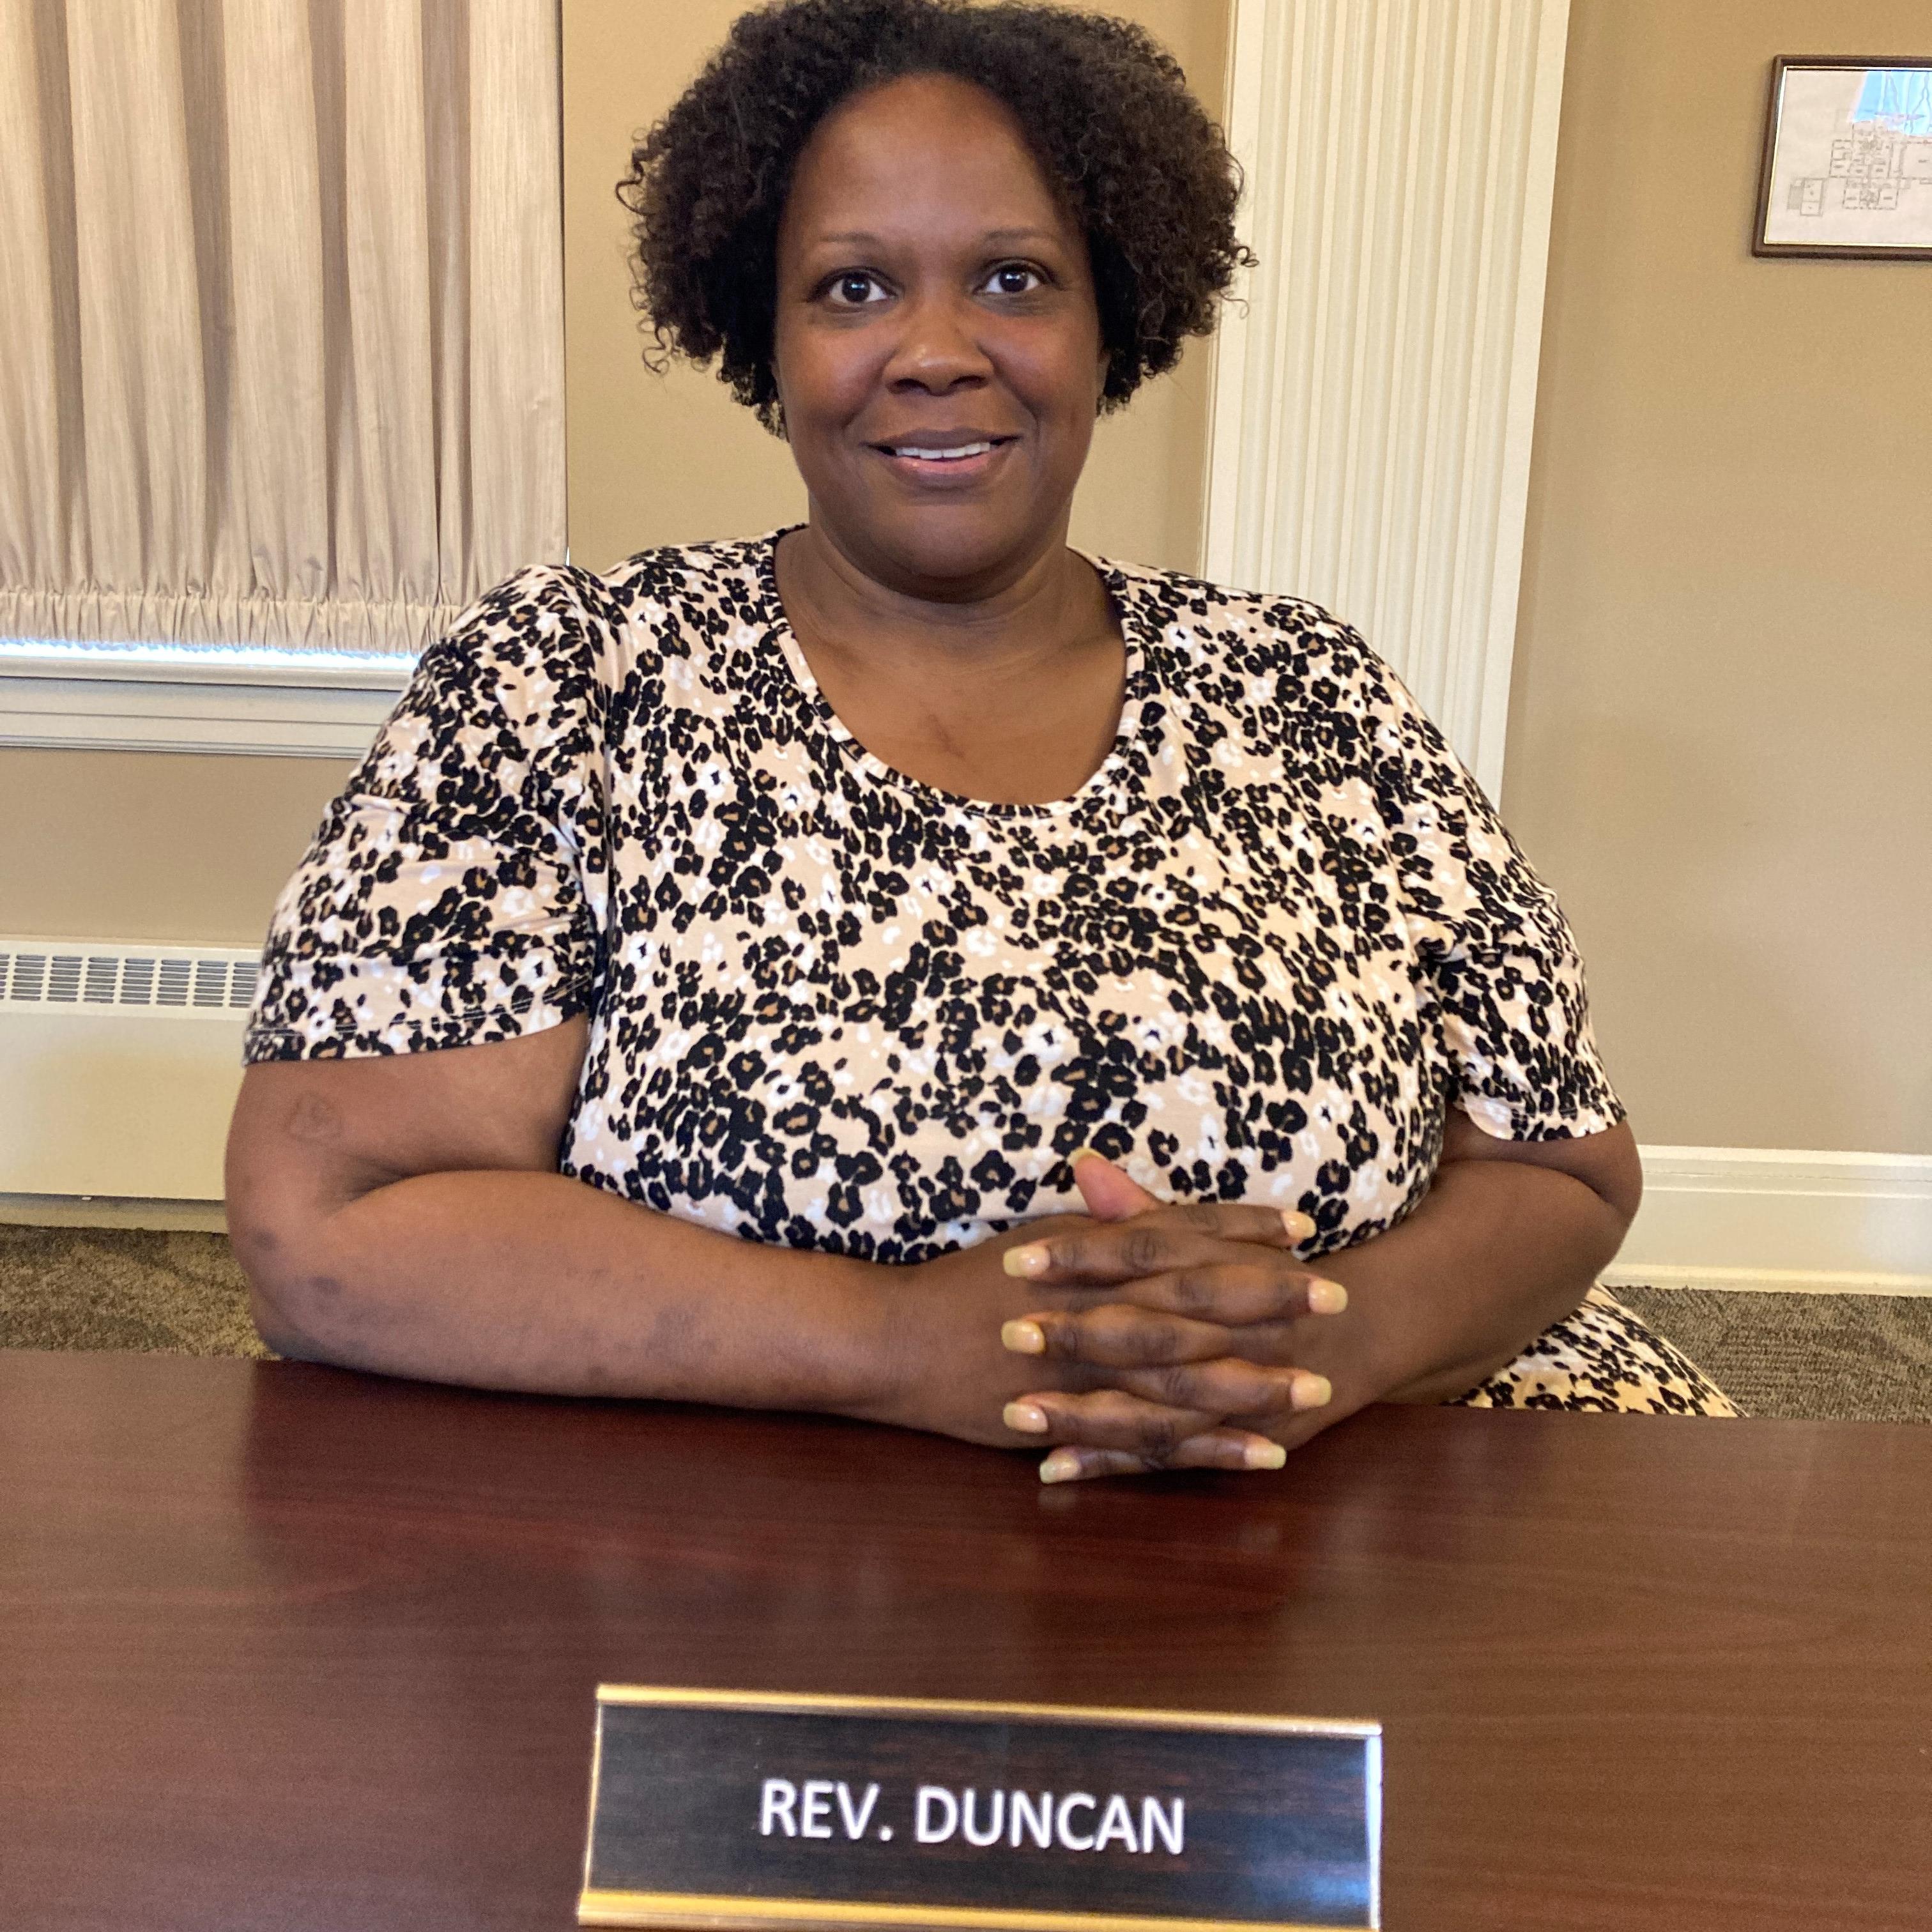 Rev. Duncan